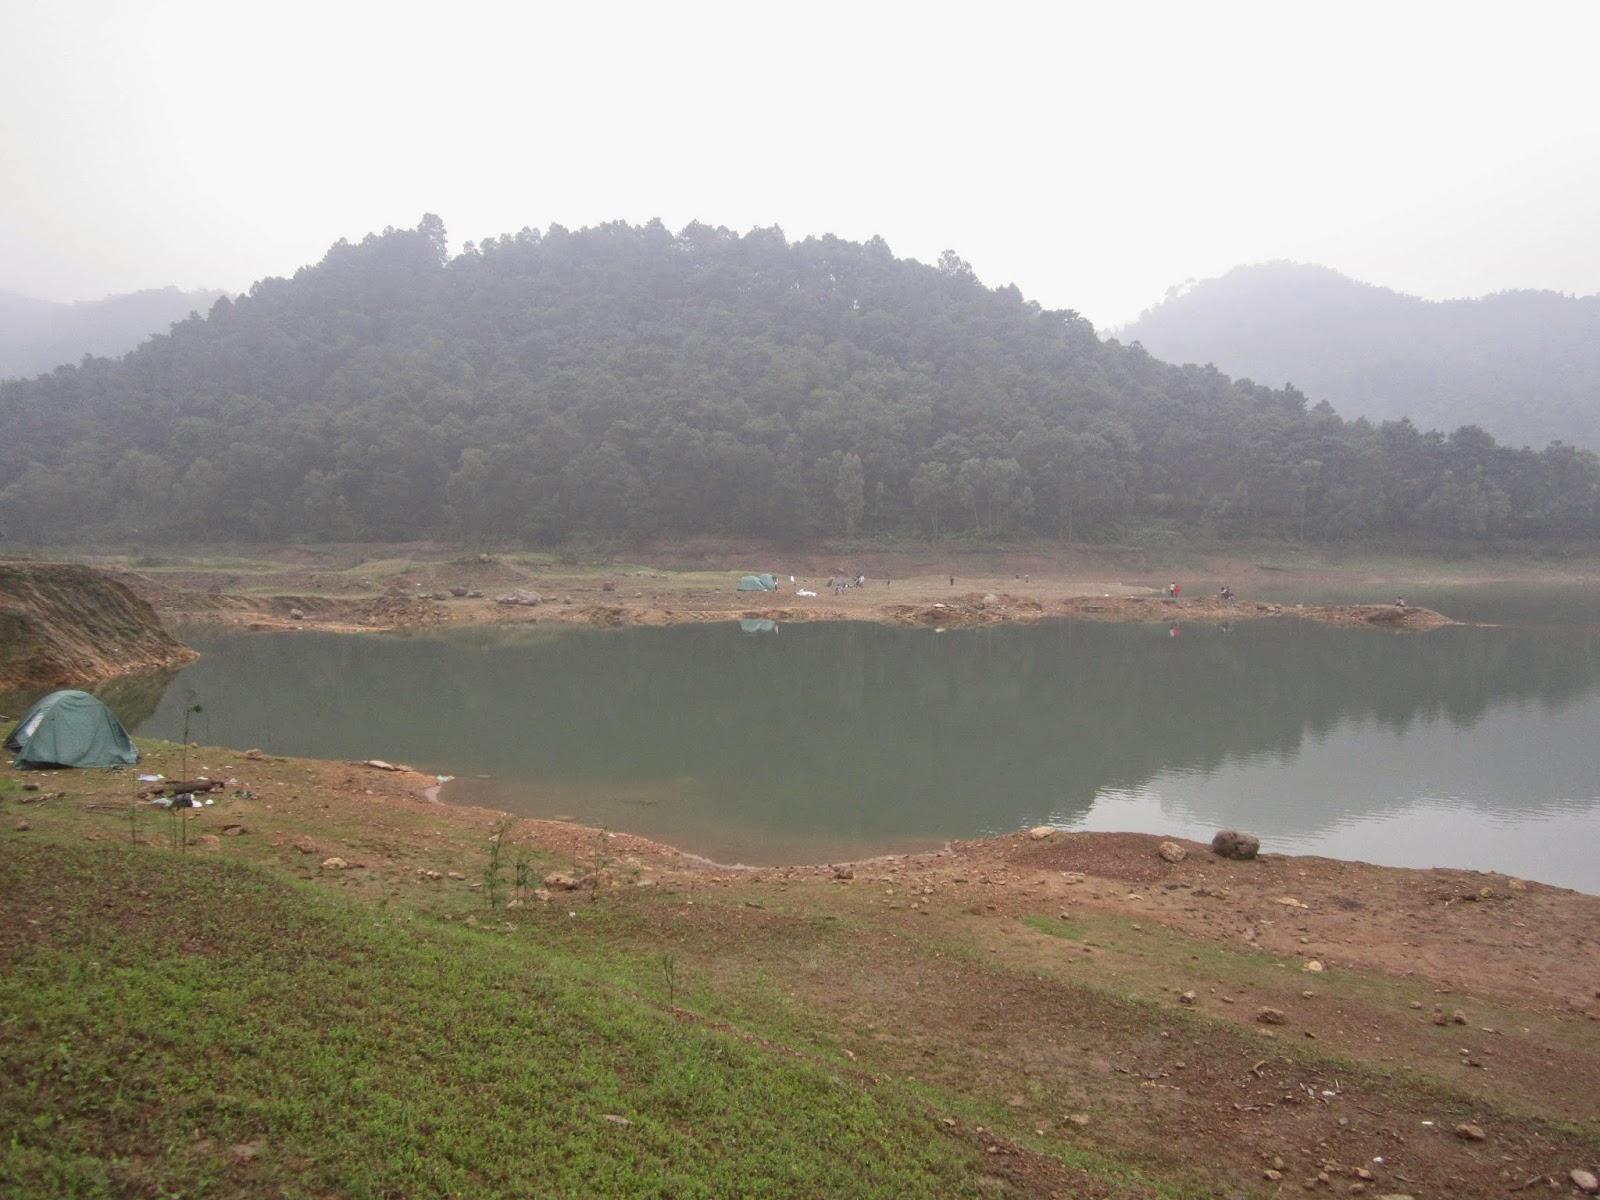 bf70214f6b Giới thiệu chi tiết về Hồ Hàm Lợn Sóc Sơn Hà Nội